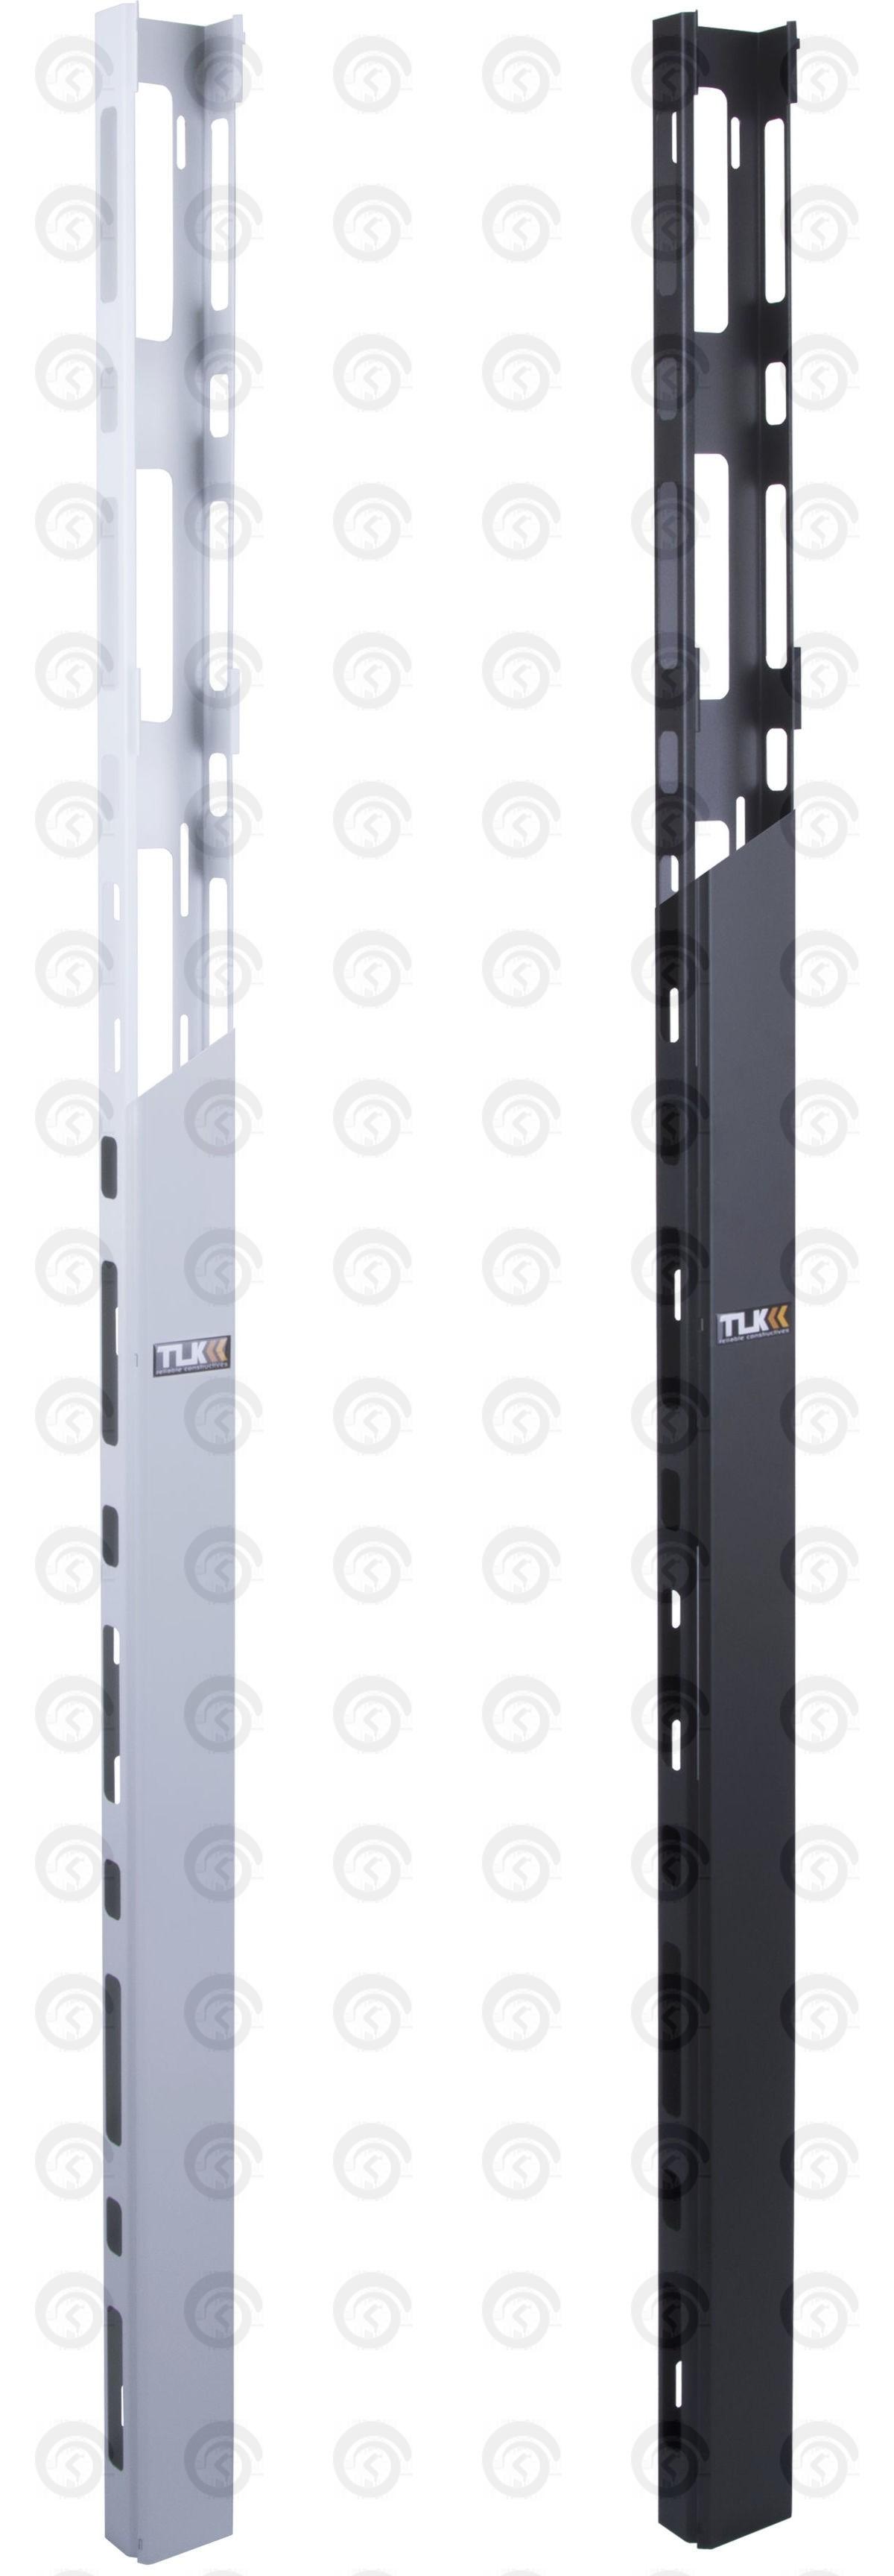 Органайзер кабельный вертикальный, 33U, для шкафов шириной 800мм серий TFR, TFL и TFE, Ш93хВ1470хГ58мм, металлический, с крышкой, с крепежом, цвет серый